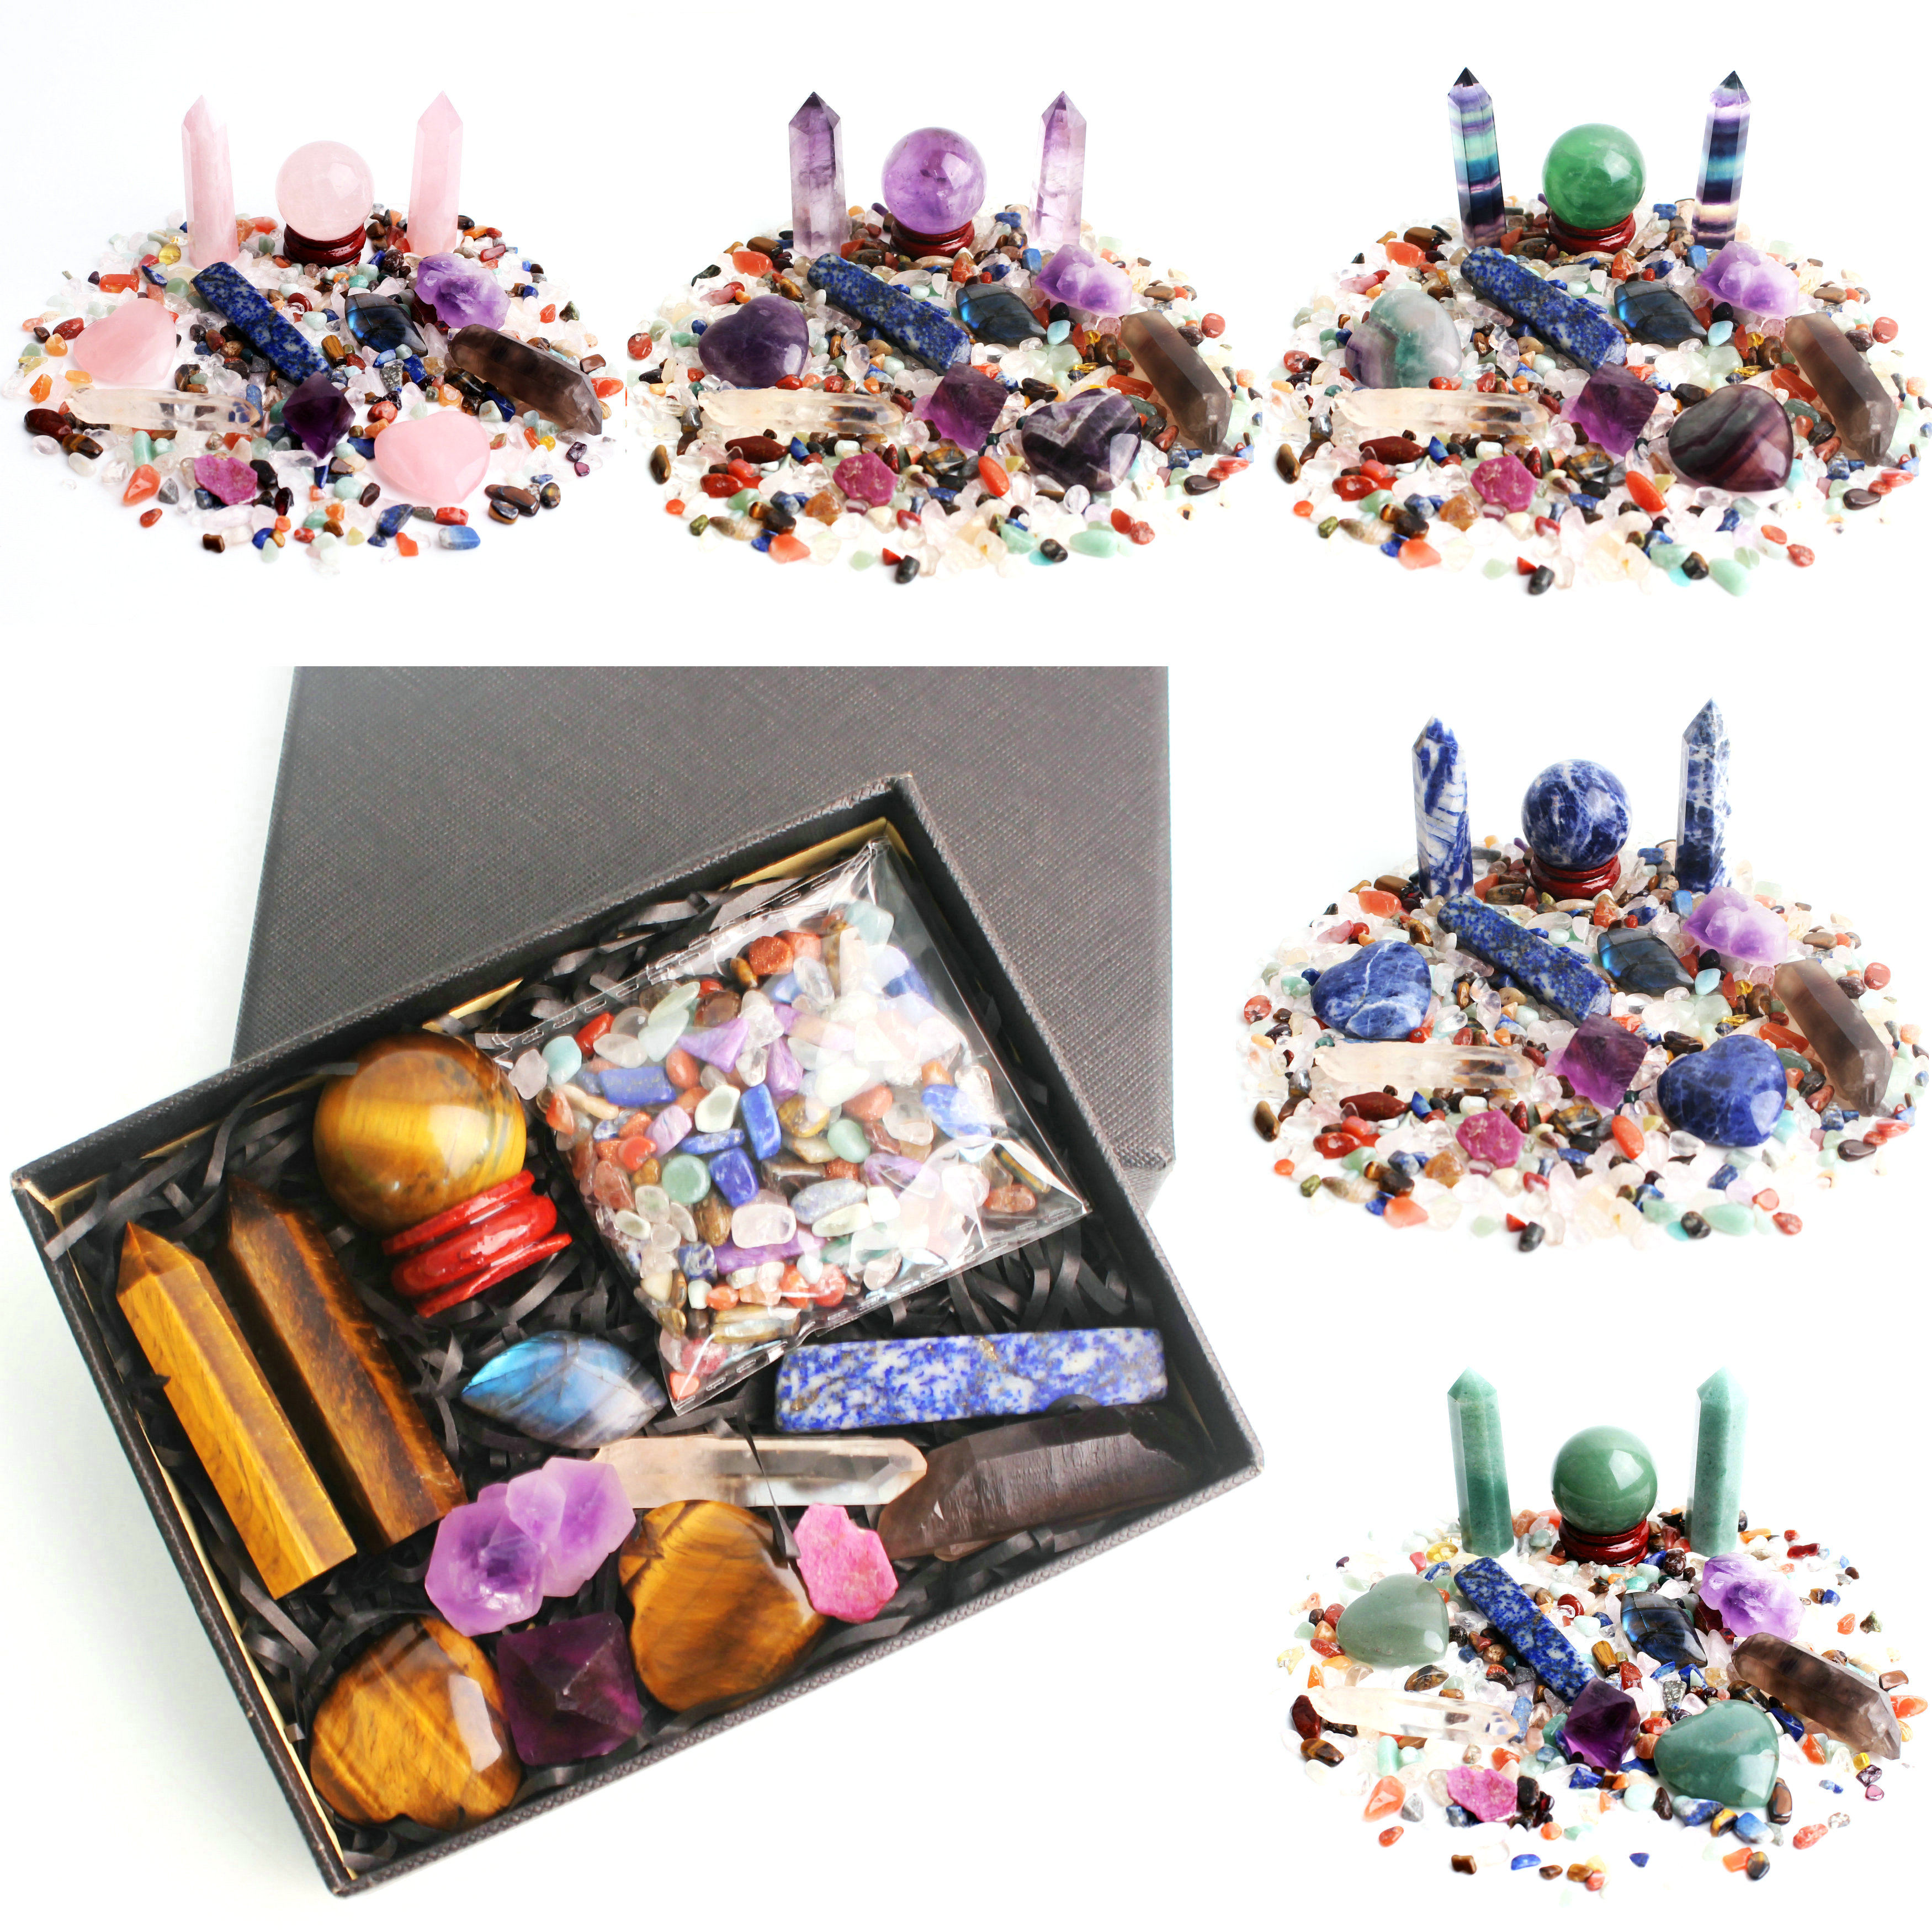 Muitos pedras coloridas naturais pingentes de cascalho, chakra, obelisk, bola de cristal, rosequartz, pedra preciosa, homem mineral, decoração reiki